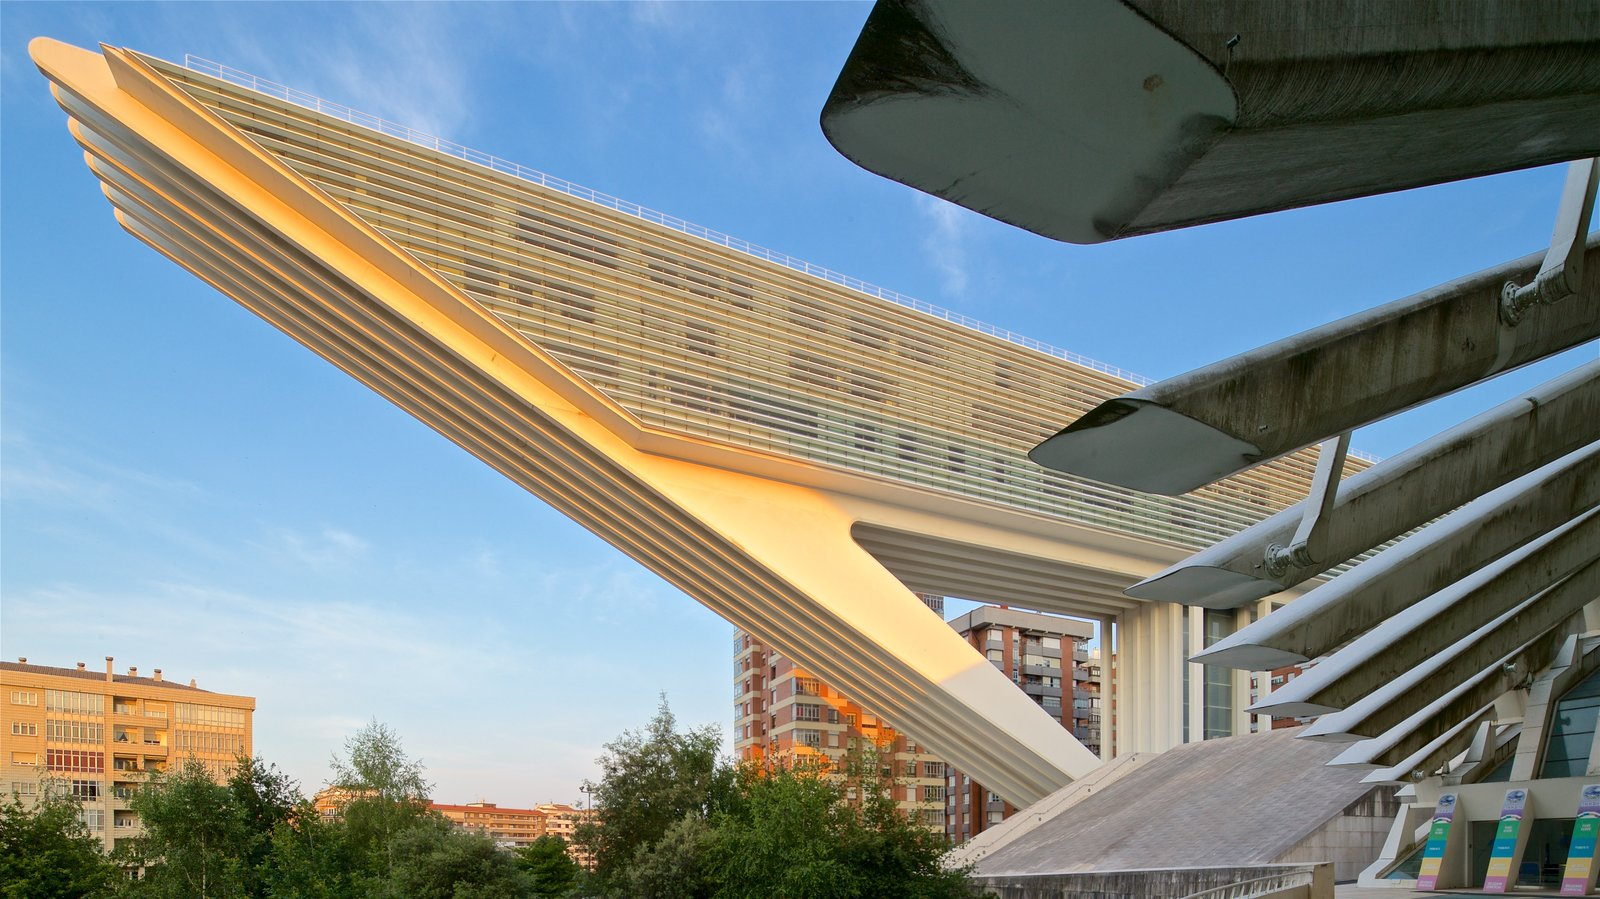 Palacio de Exposiciones y Congresos featuring a sunset, a city and modern architecture